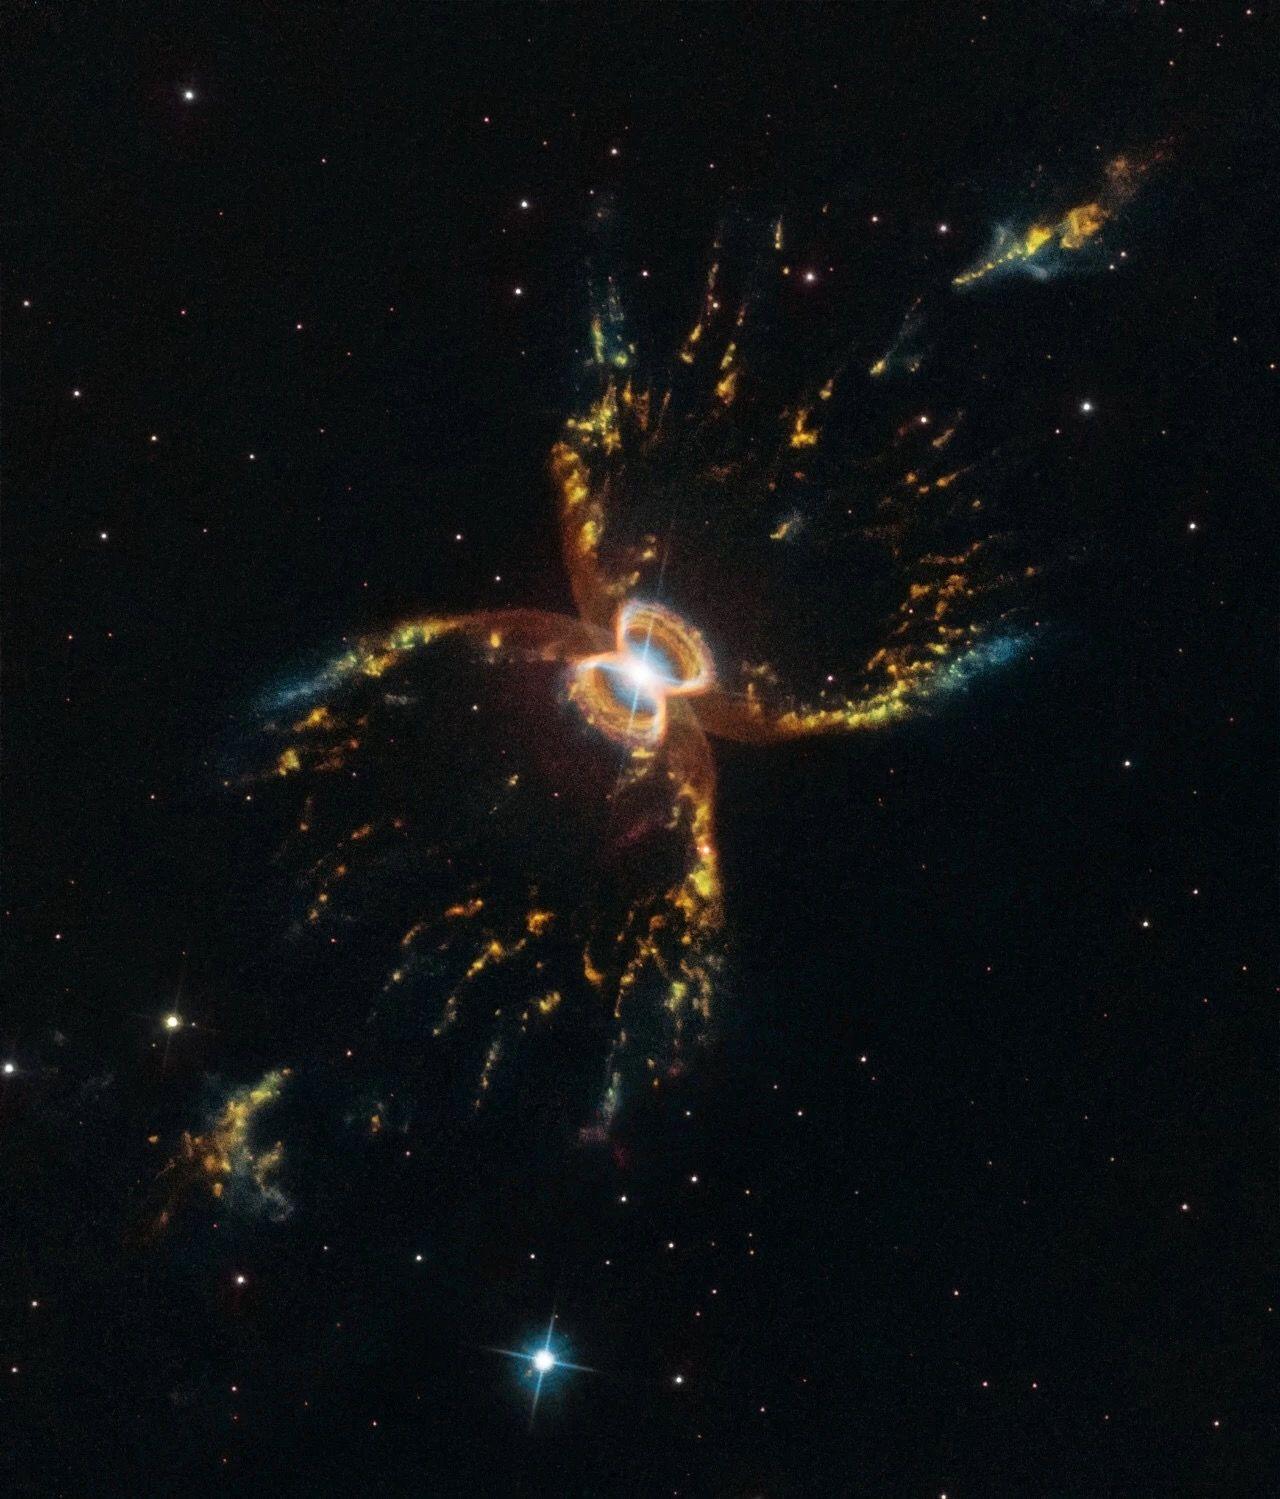 Pin by Xiangisli on astronomy Nebula, Hubble, Crab nebula